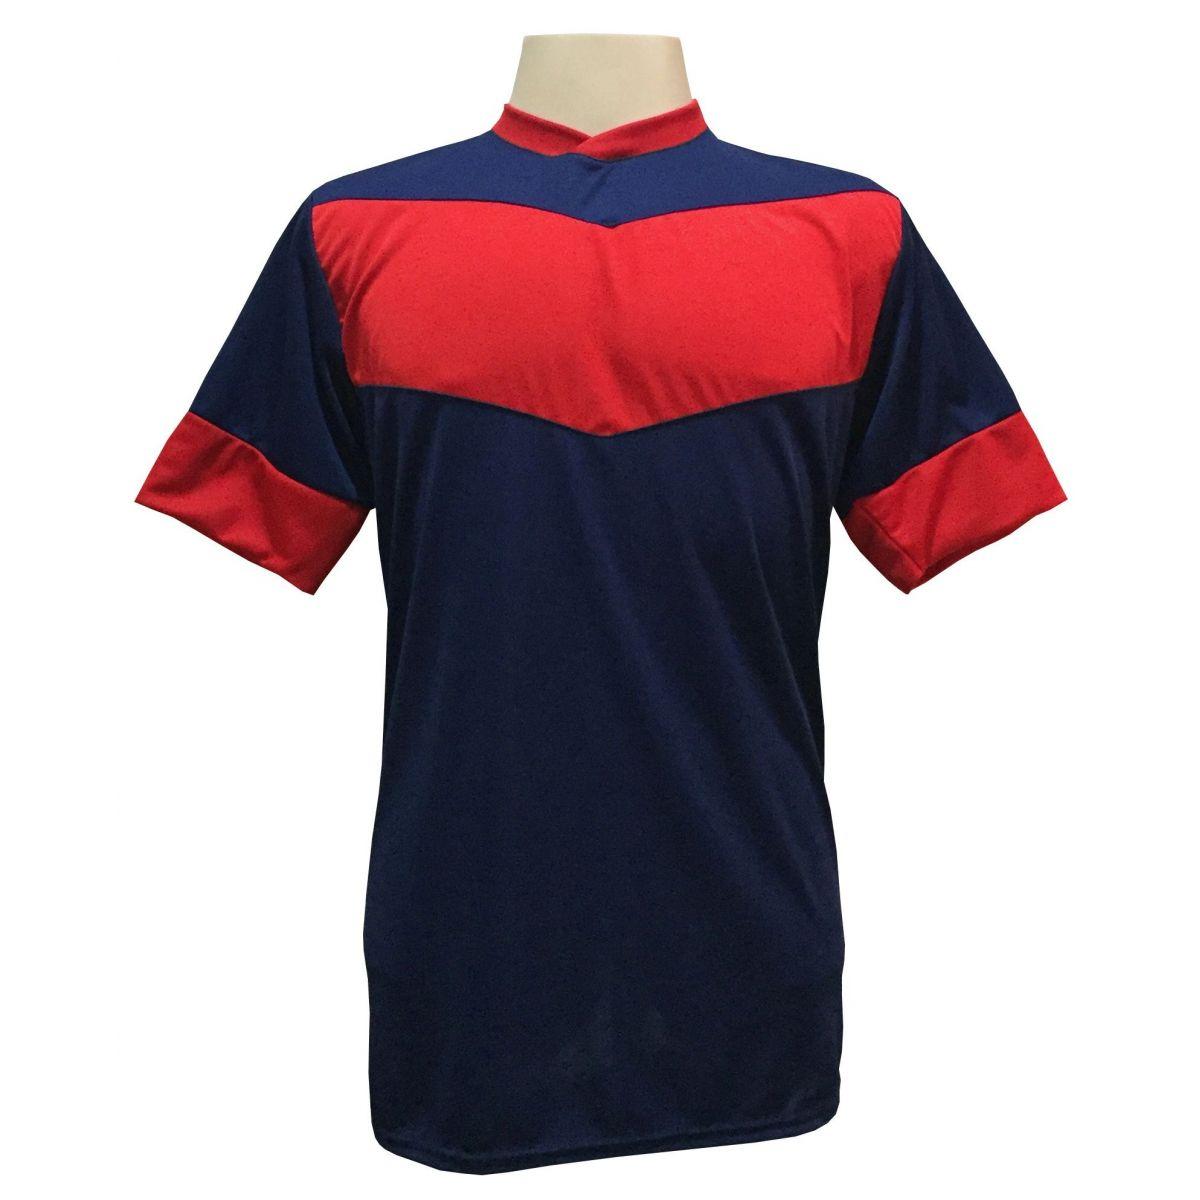 Fardamento Completo modelo Columbus 18+2 (18 Camisas Marinho/Vermelho + 18 Calções Madrid Vermelho + 18 Pares de Meiões Vermelhos + 2 Conjuntos de Goleiro) + Brindes